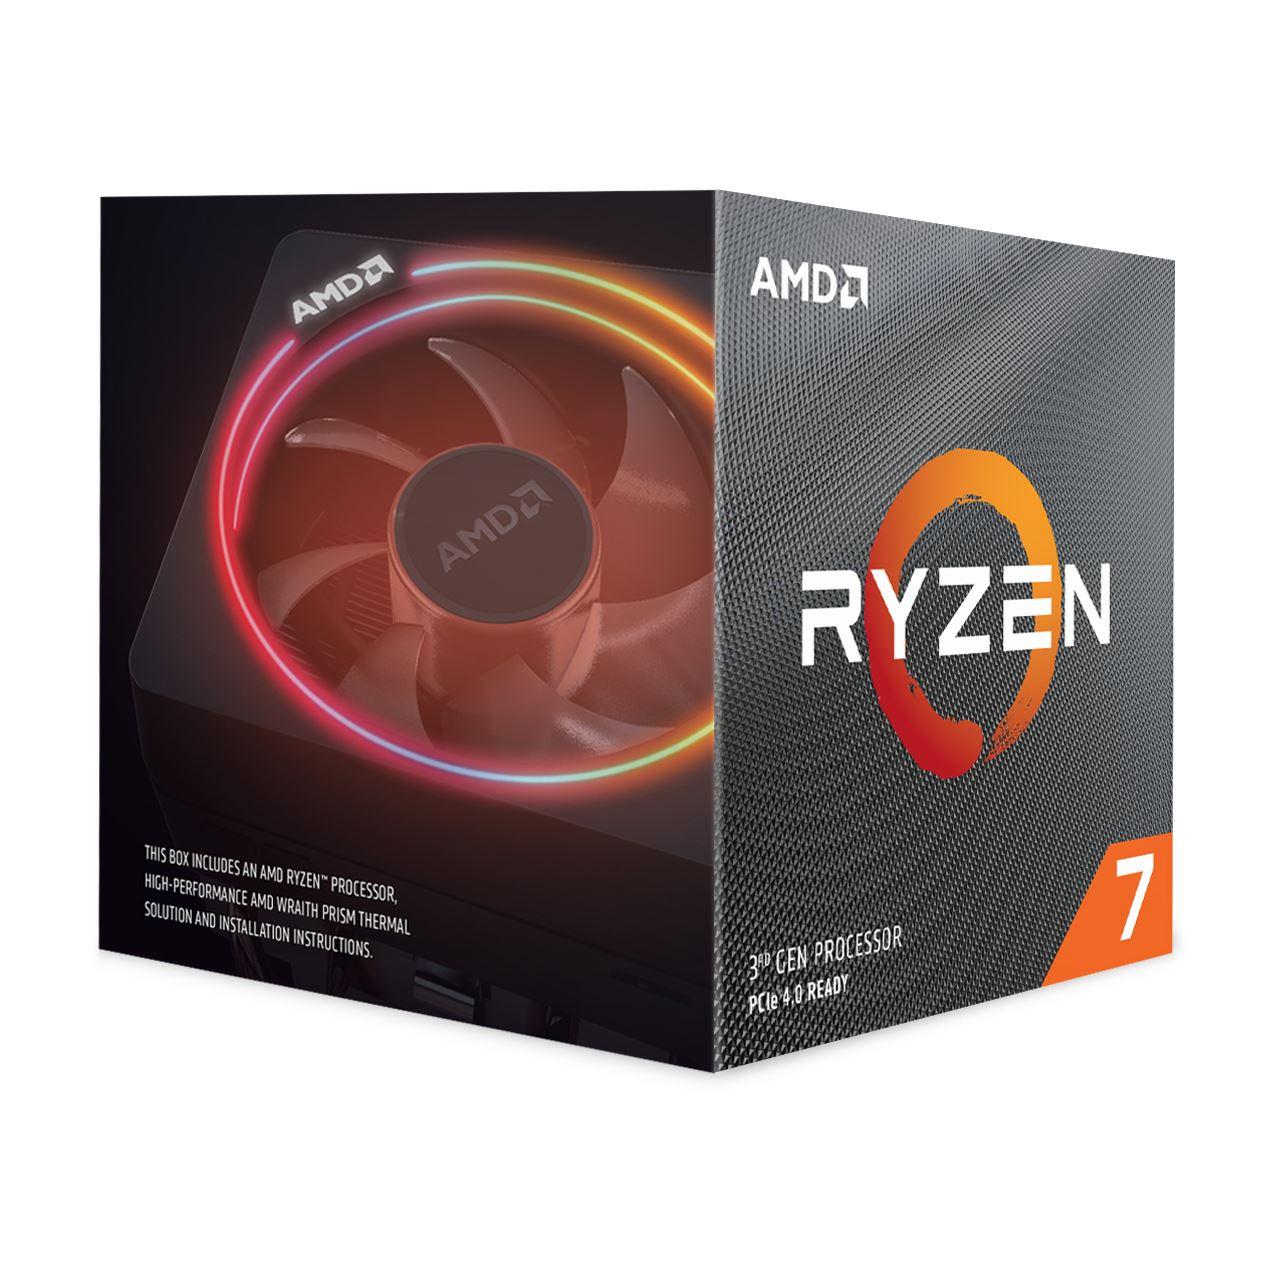 AMD Ryzen 3700X - DAMN Deal